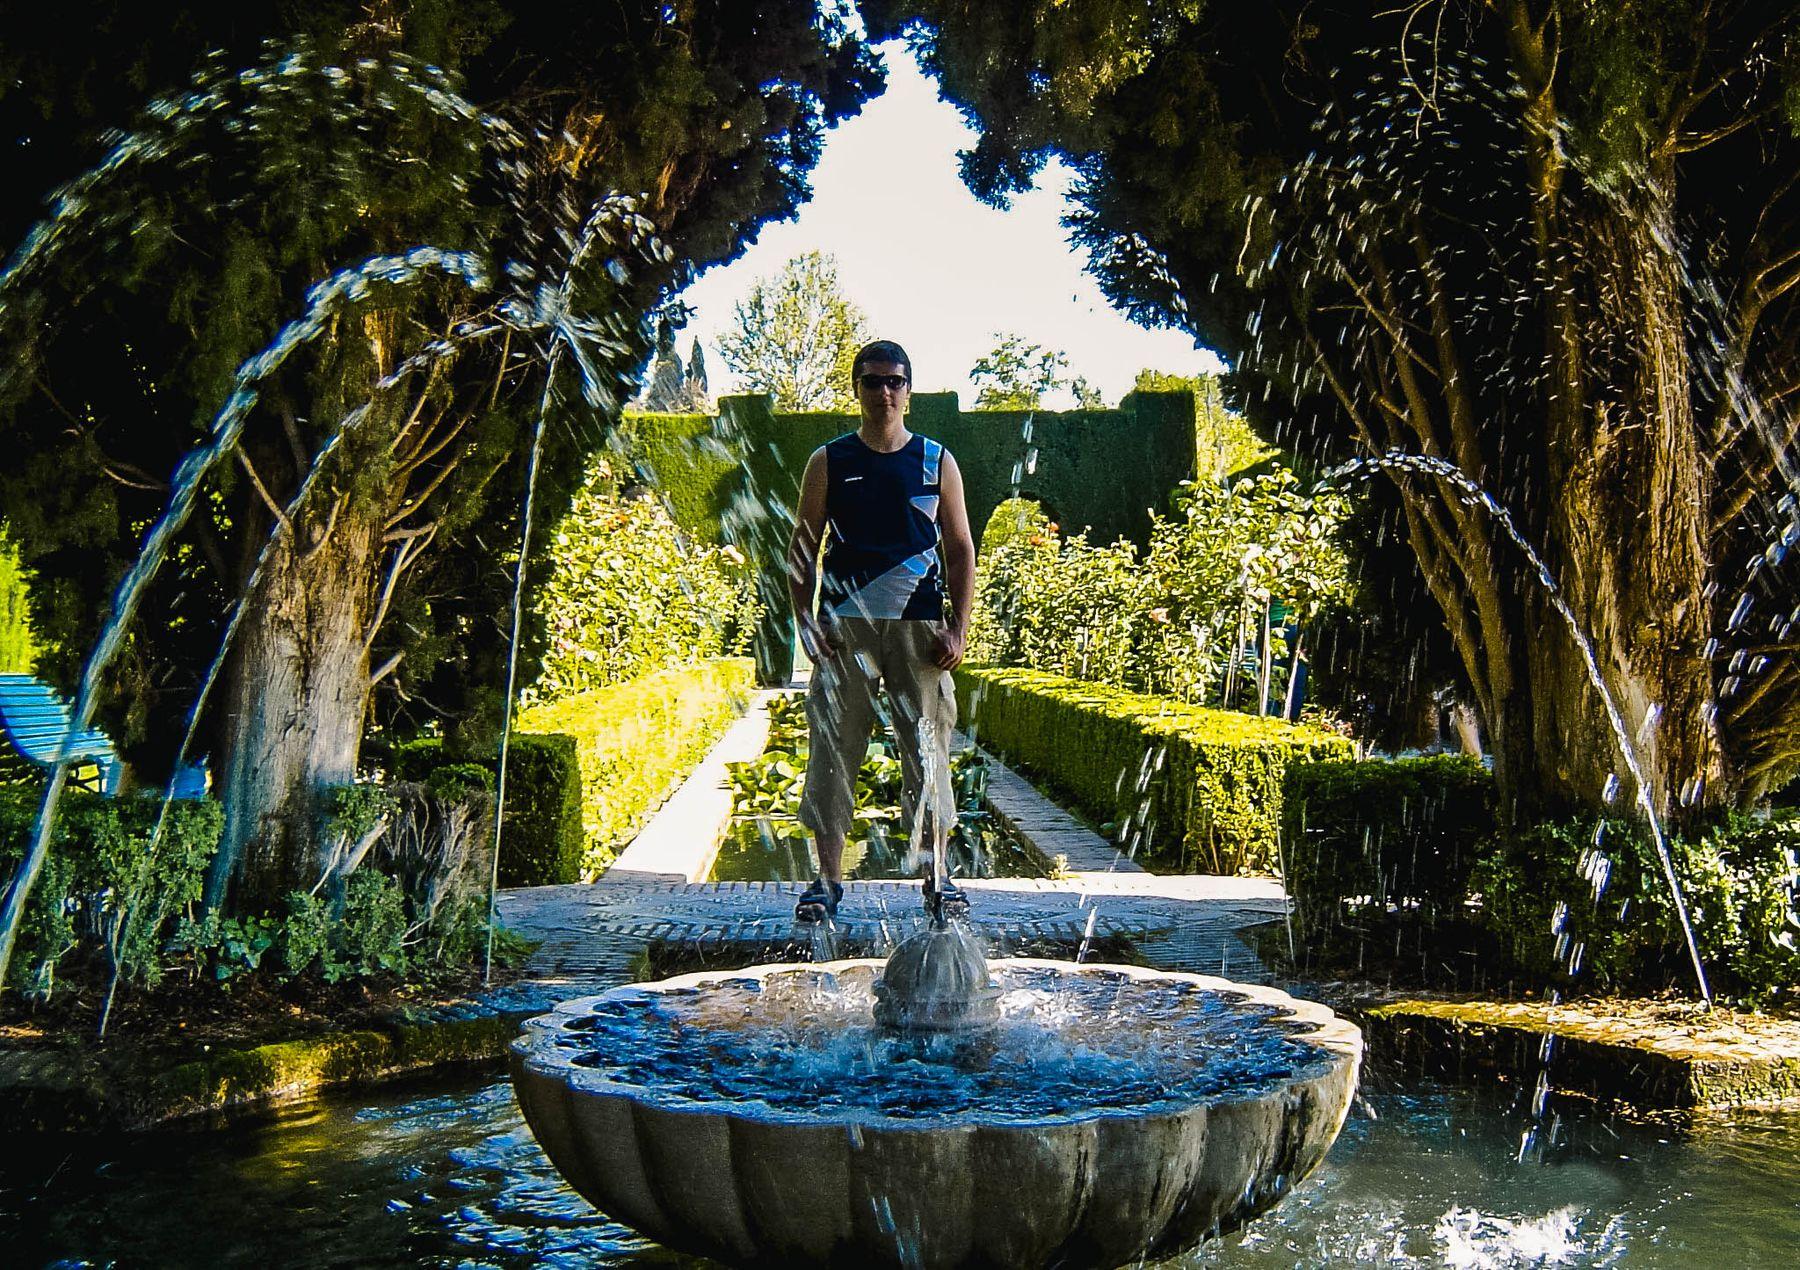 Страж фонтана (парк Альгамбра, Испания 16.06.2005)